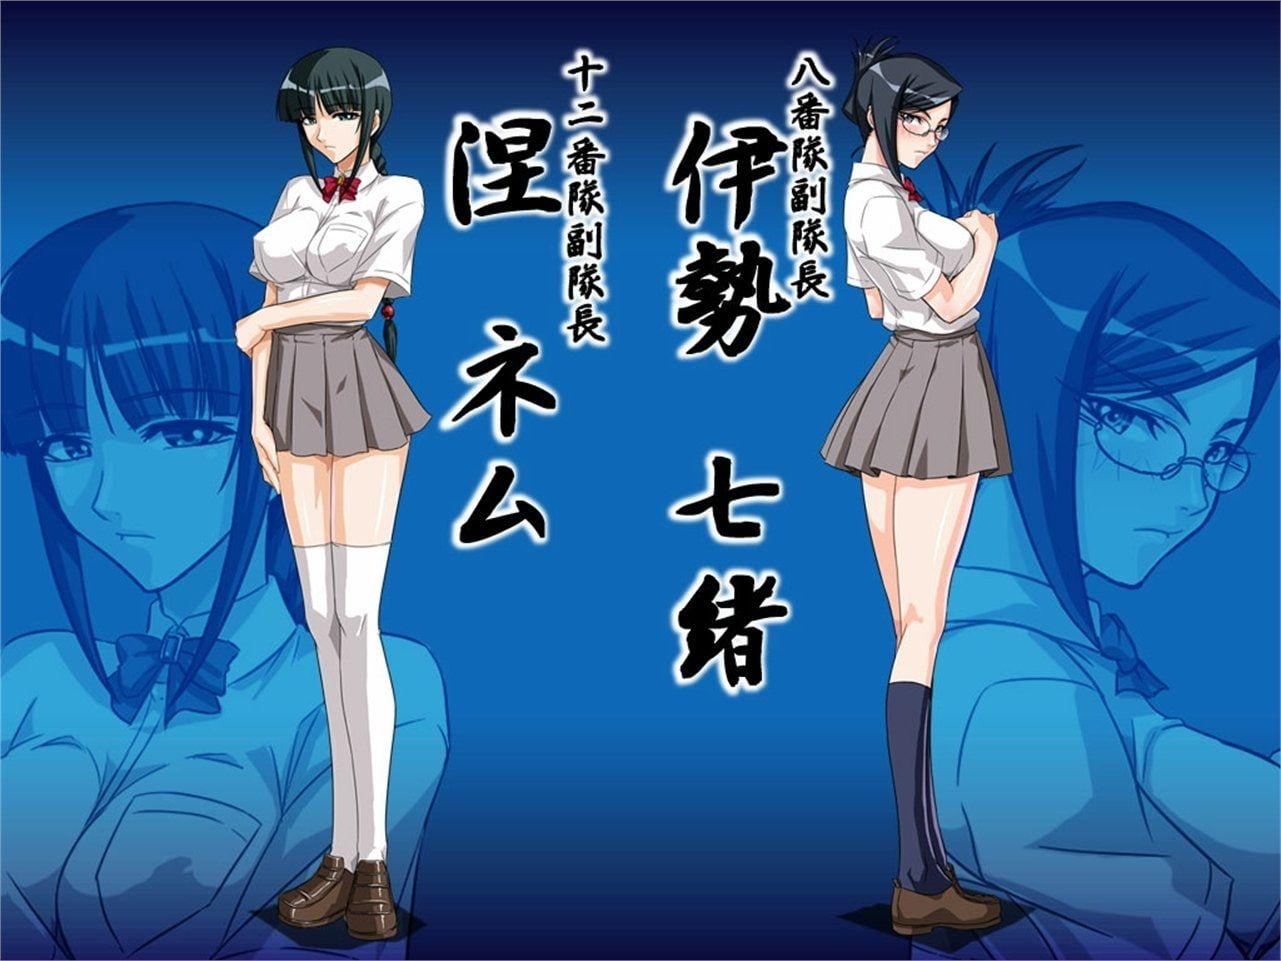 bleach nanao ise nemu kurotsuchi 720p wallpaper hdwallpaper desktop anime bleach manga bleach anime